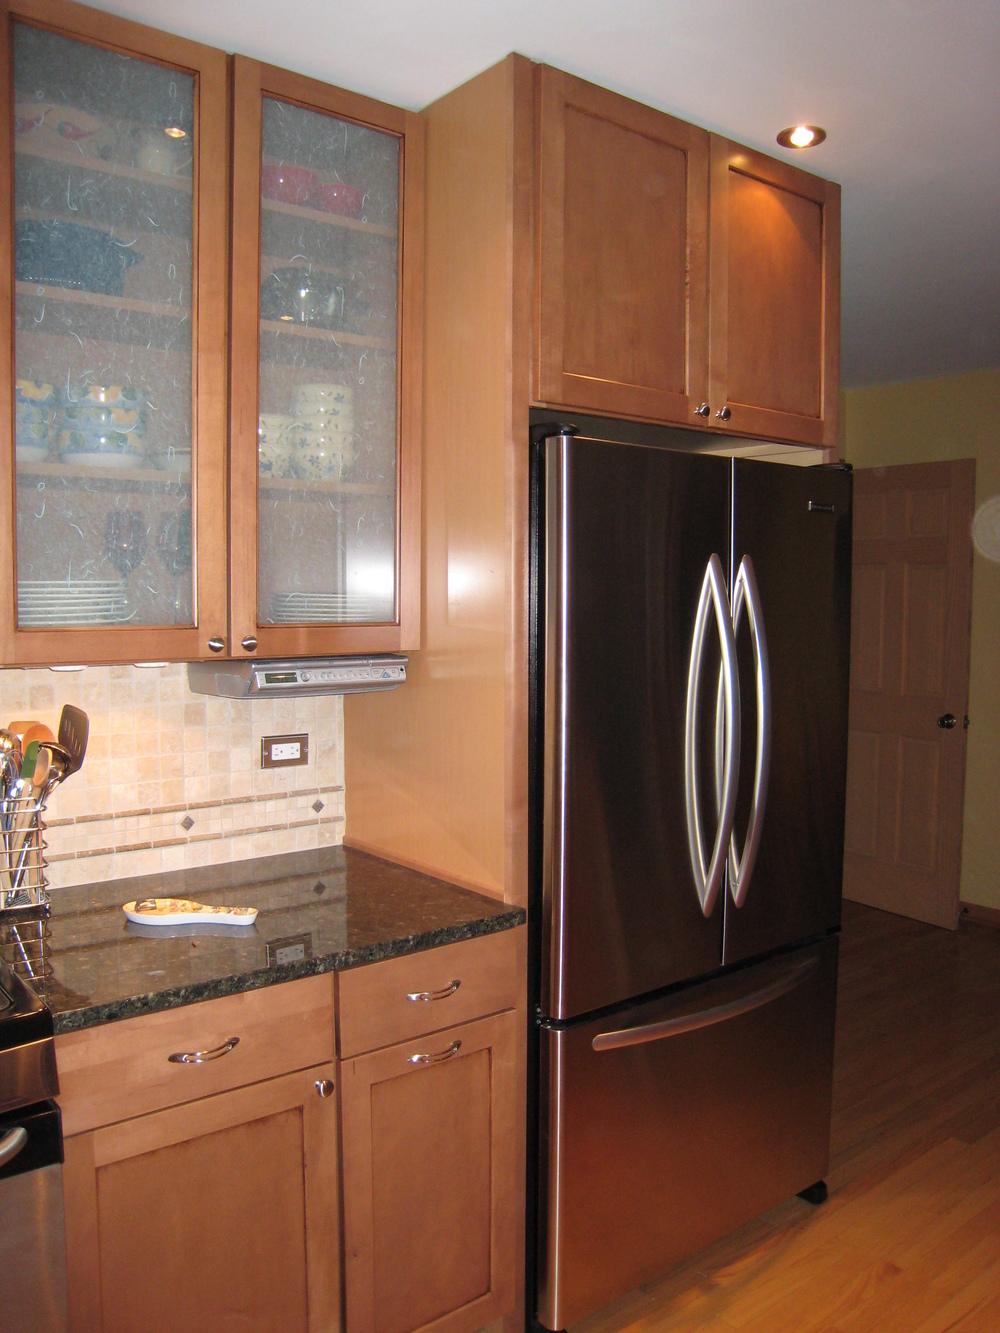 2007 Nov Kitchen Etc 036.JPG